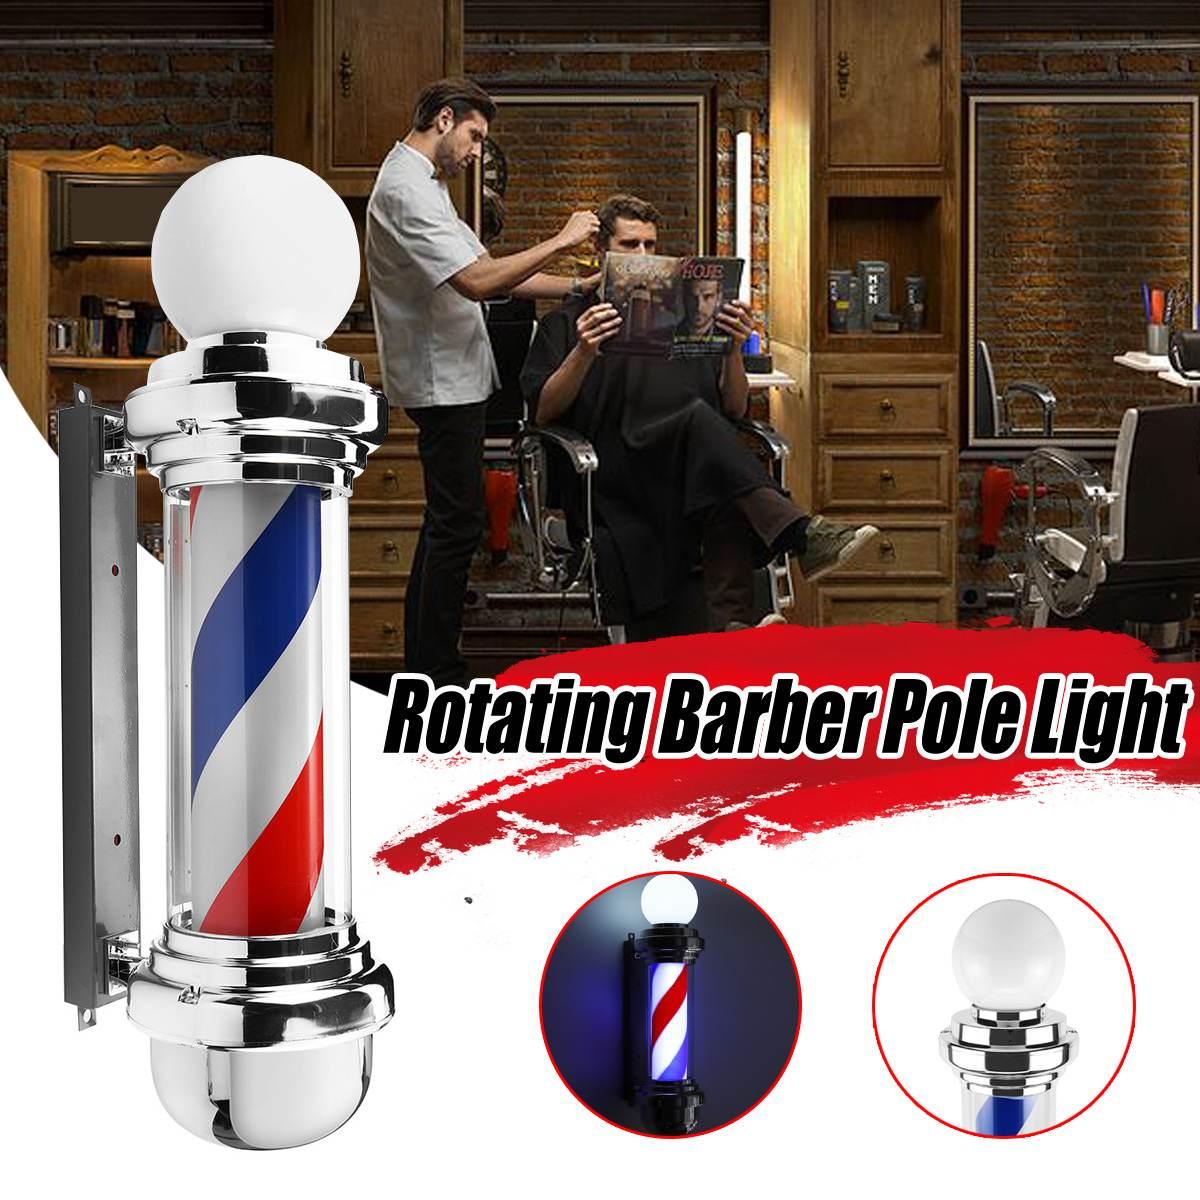 Barbier pôle lumière LED Salon de coiffure lumière lampe rotative avec ampoule marqueur lampe LED Downlights 68x19x24cm 220V EU/110 V prise américaine